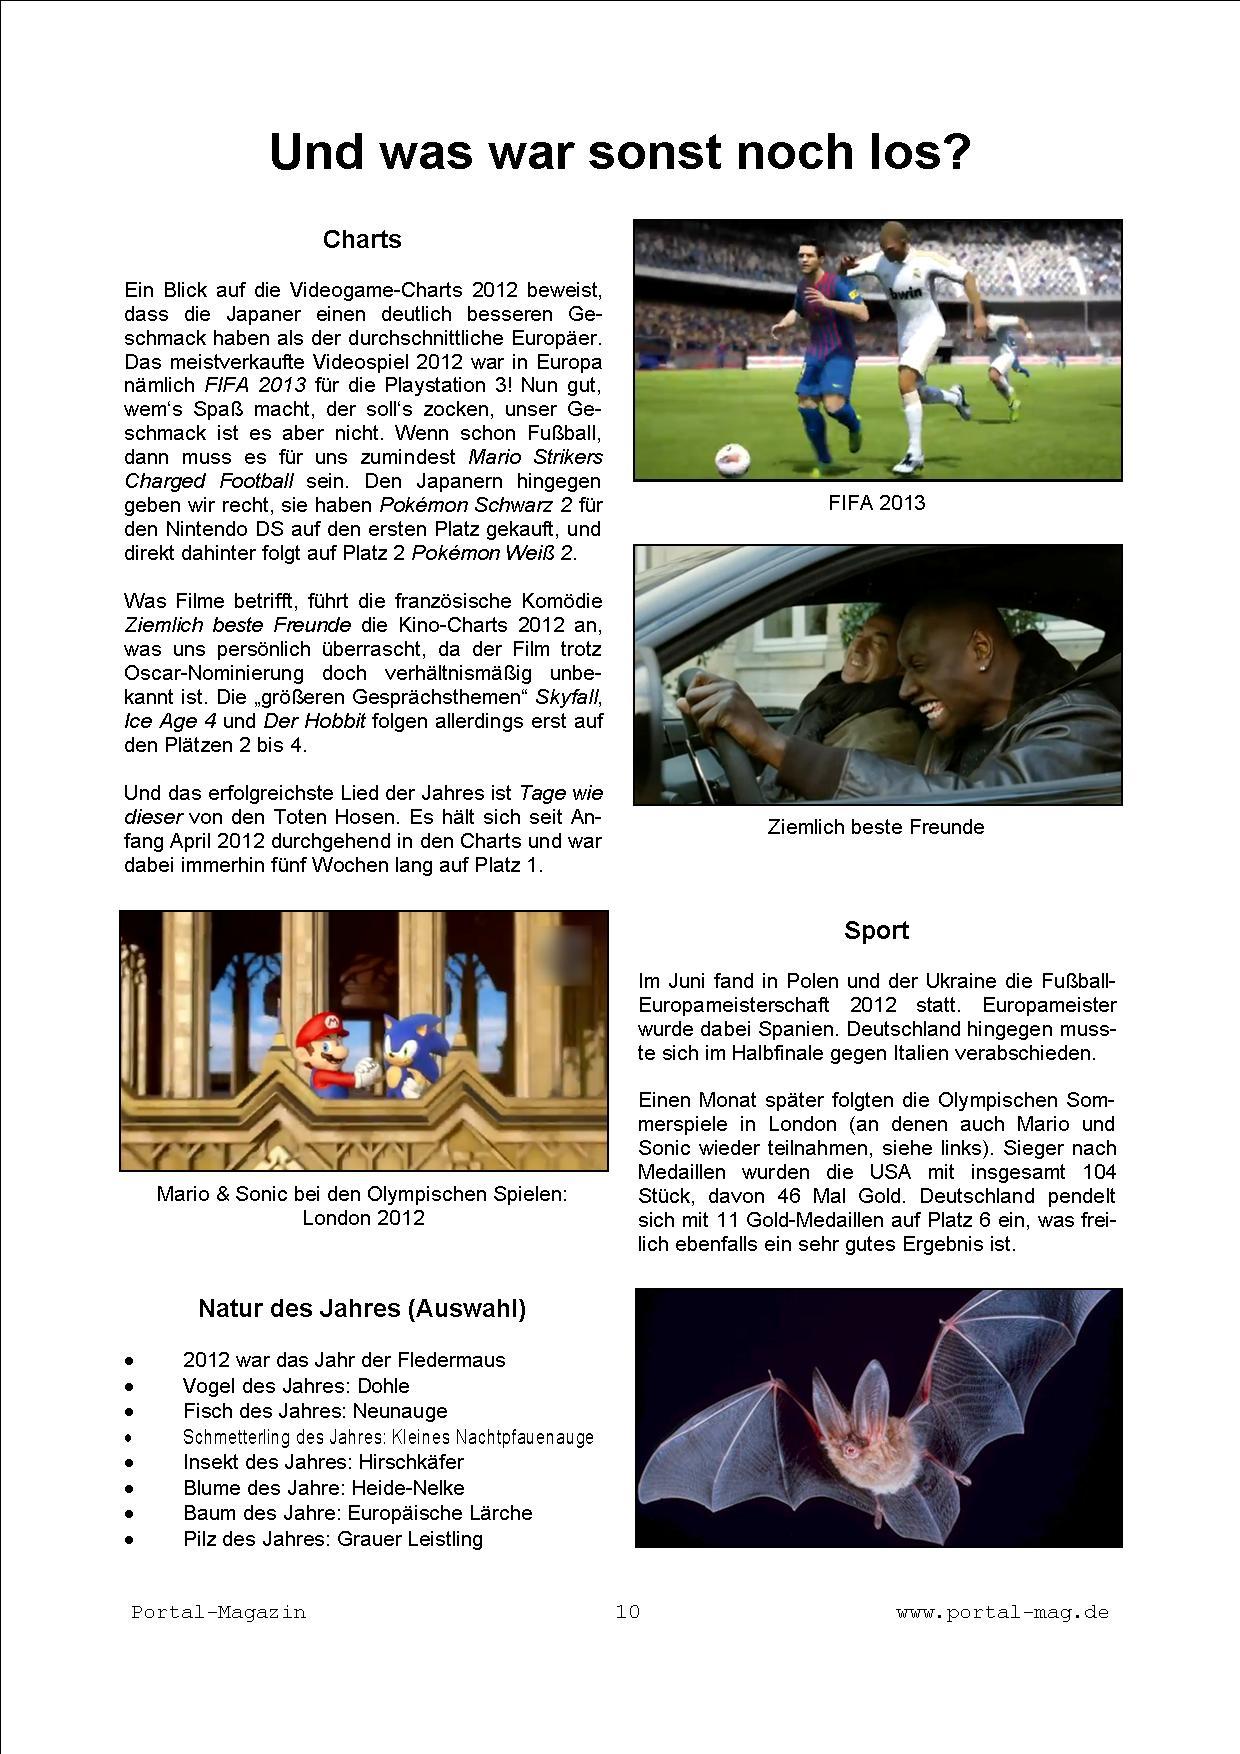 Ausgabe 12, Seite 10